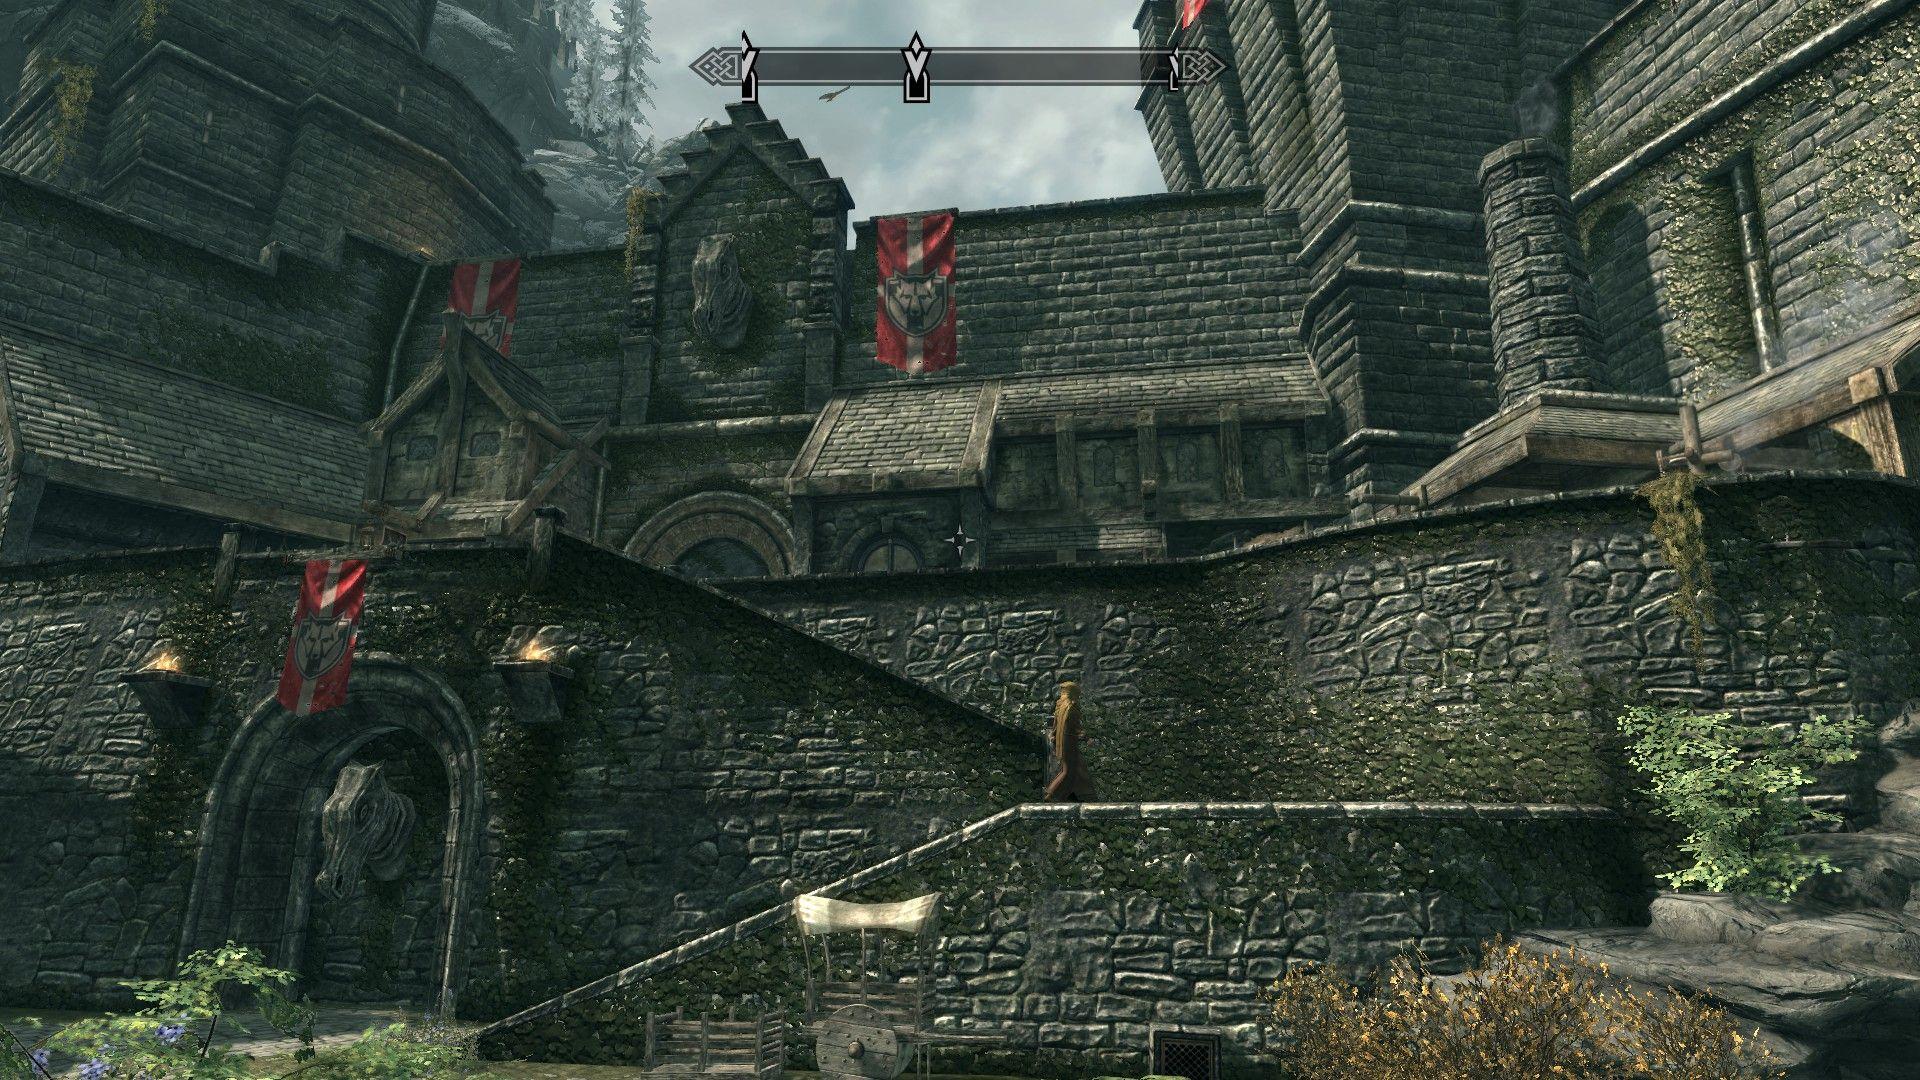 c5683ae443a4d2cf04acff00ae7b352b - How To Get A House In Solitude In Skyrim